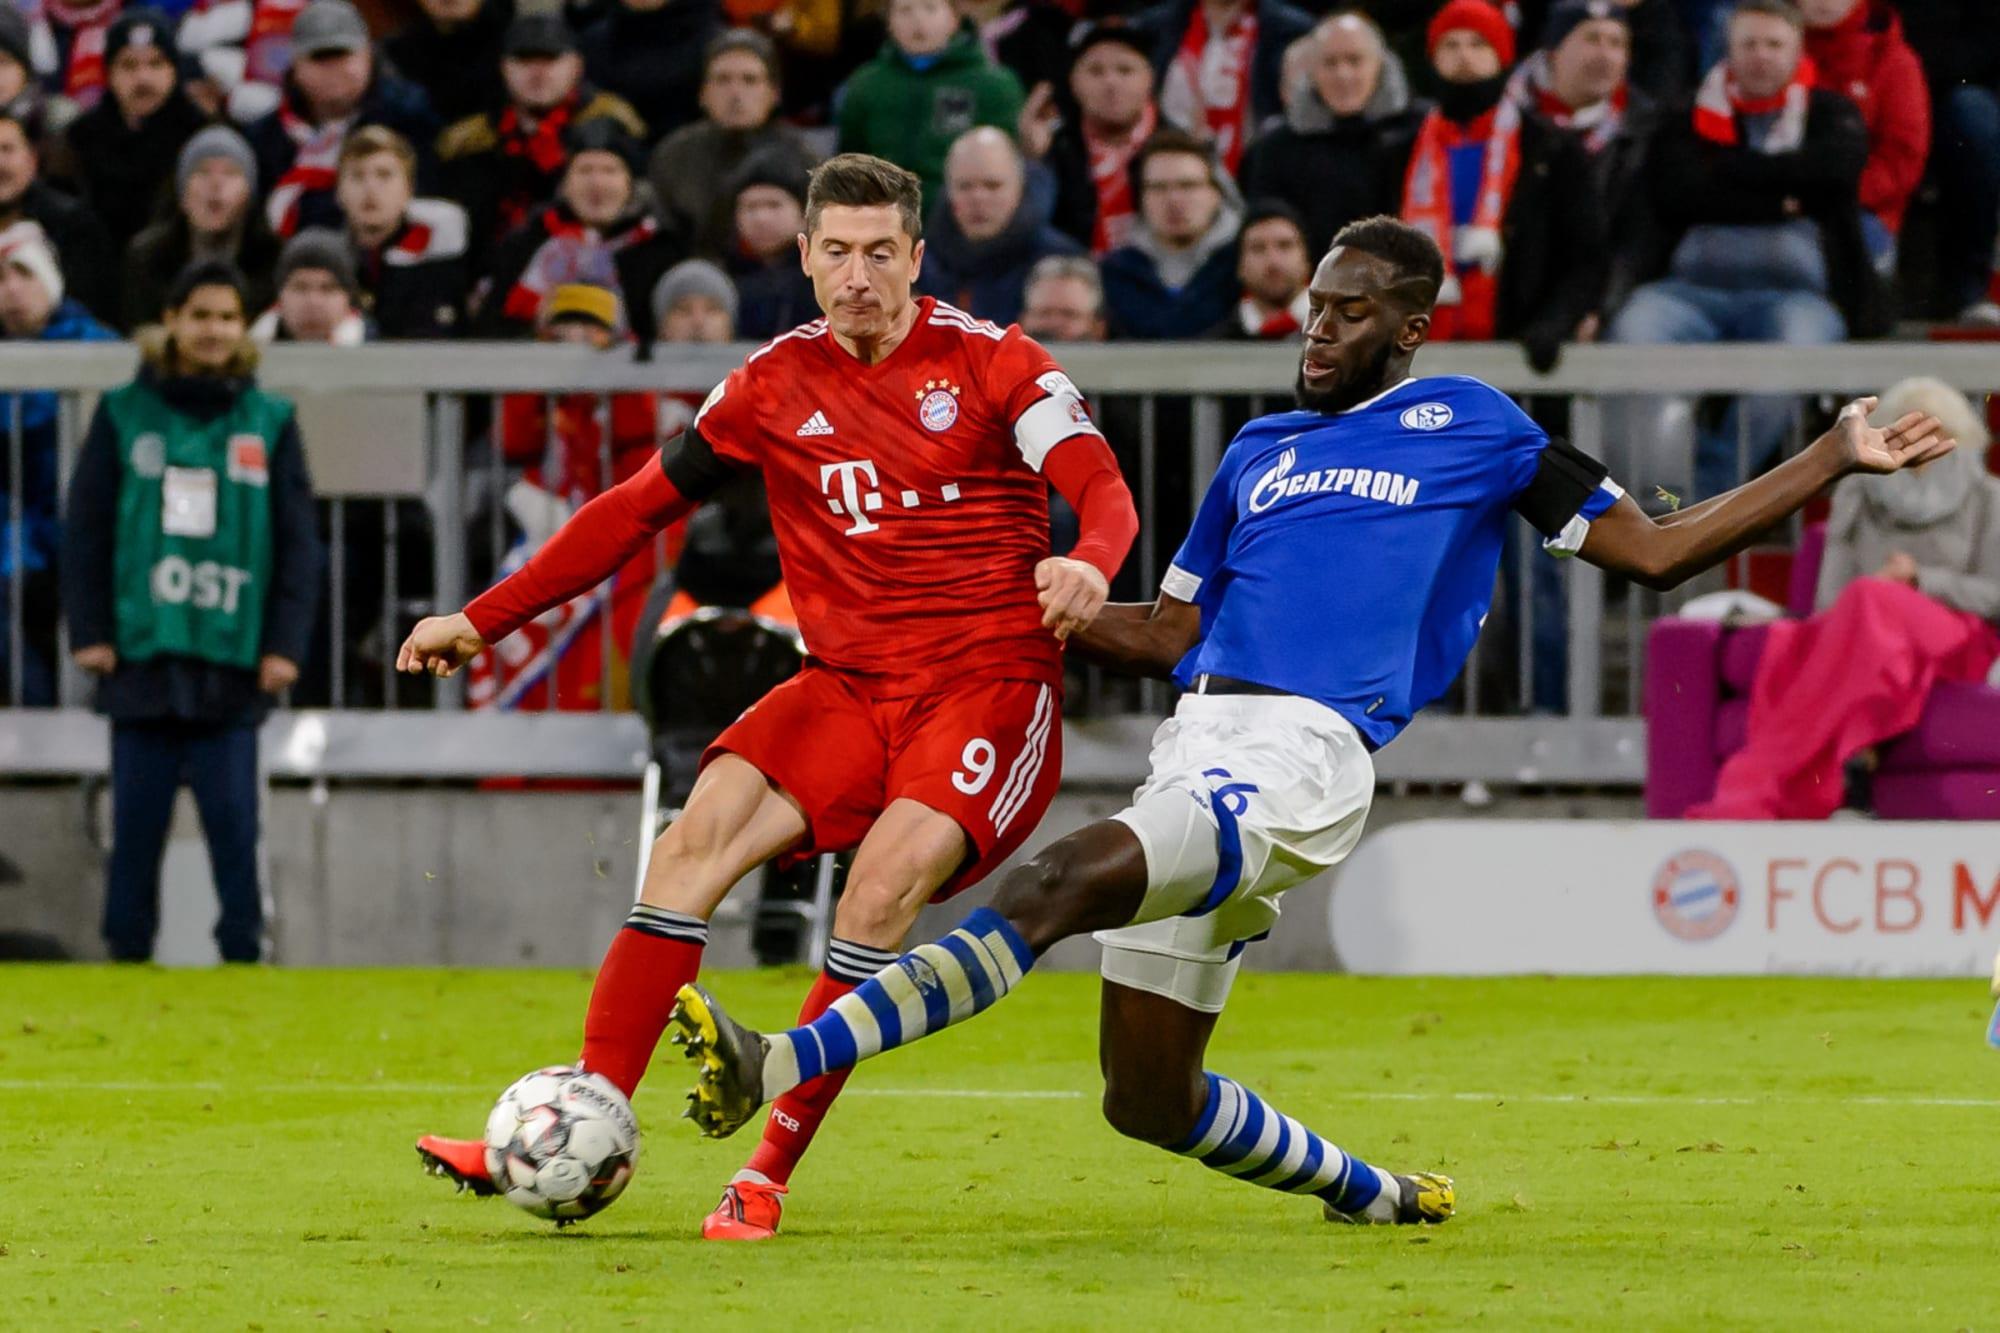 Schalke - Bayern